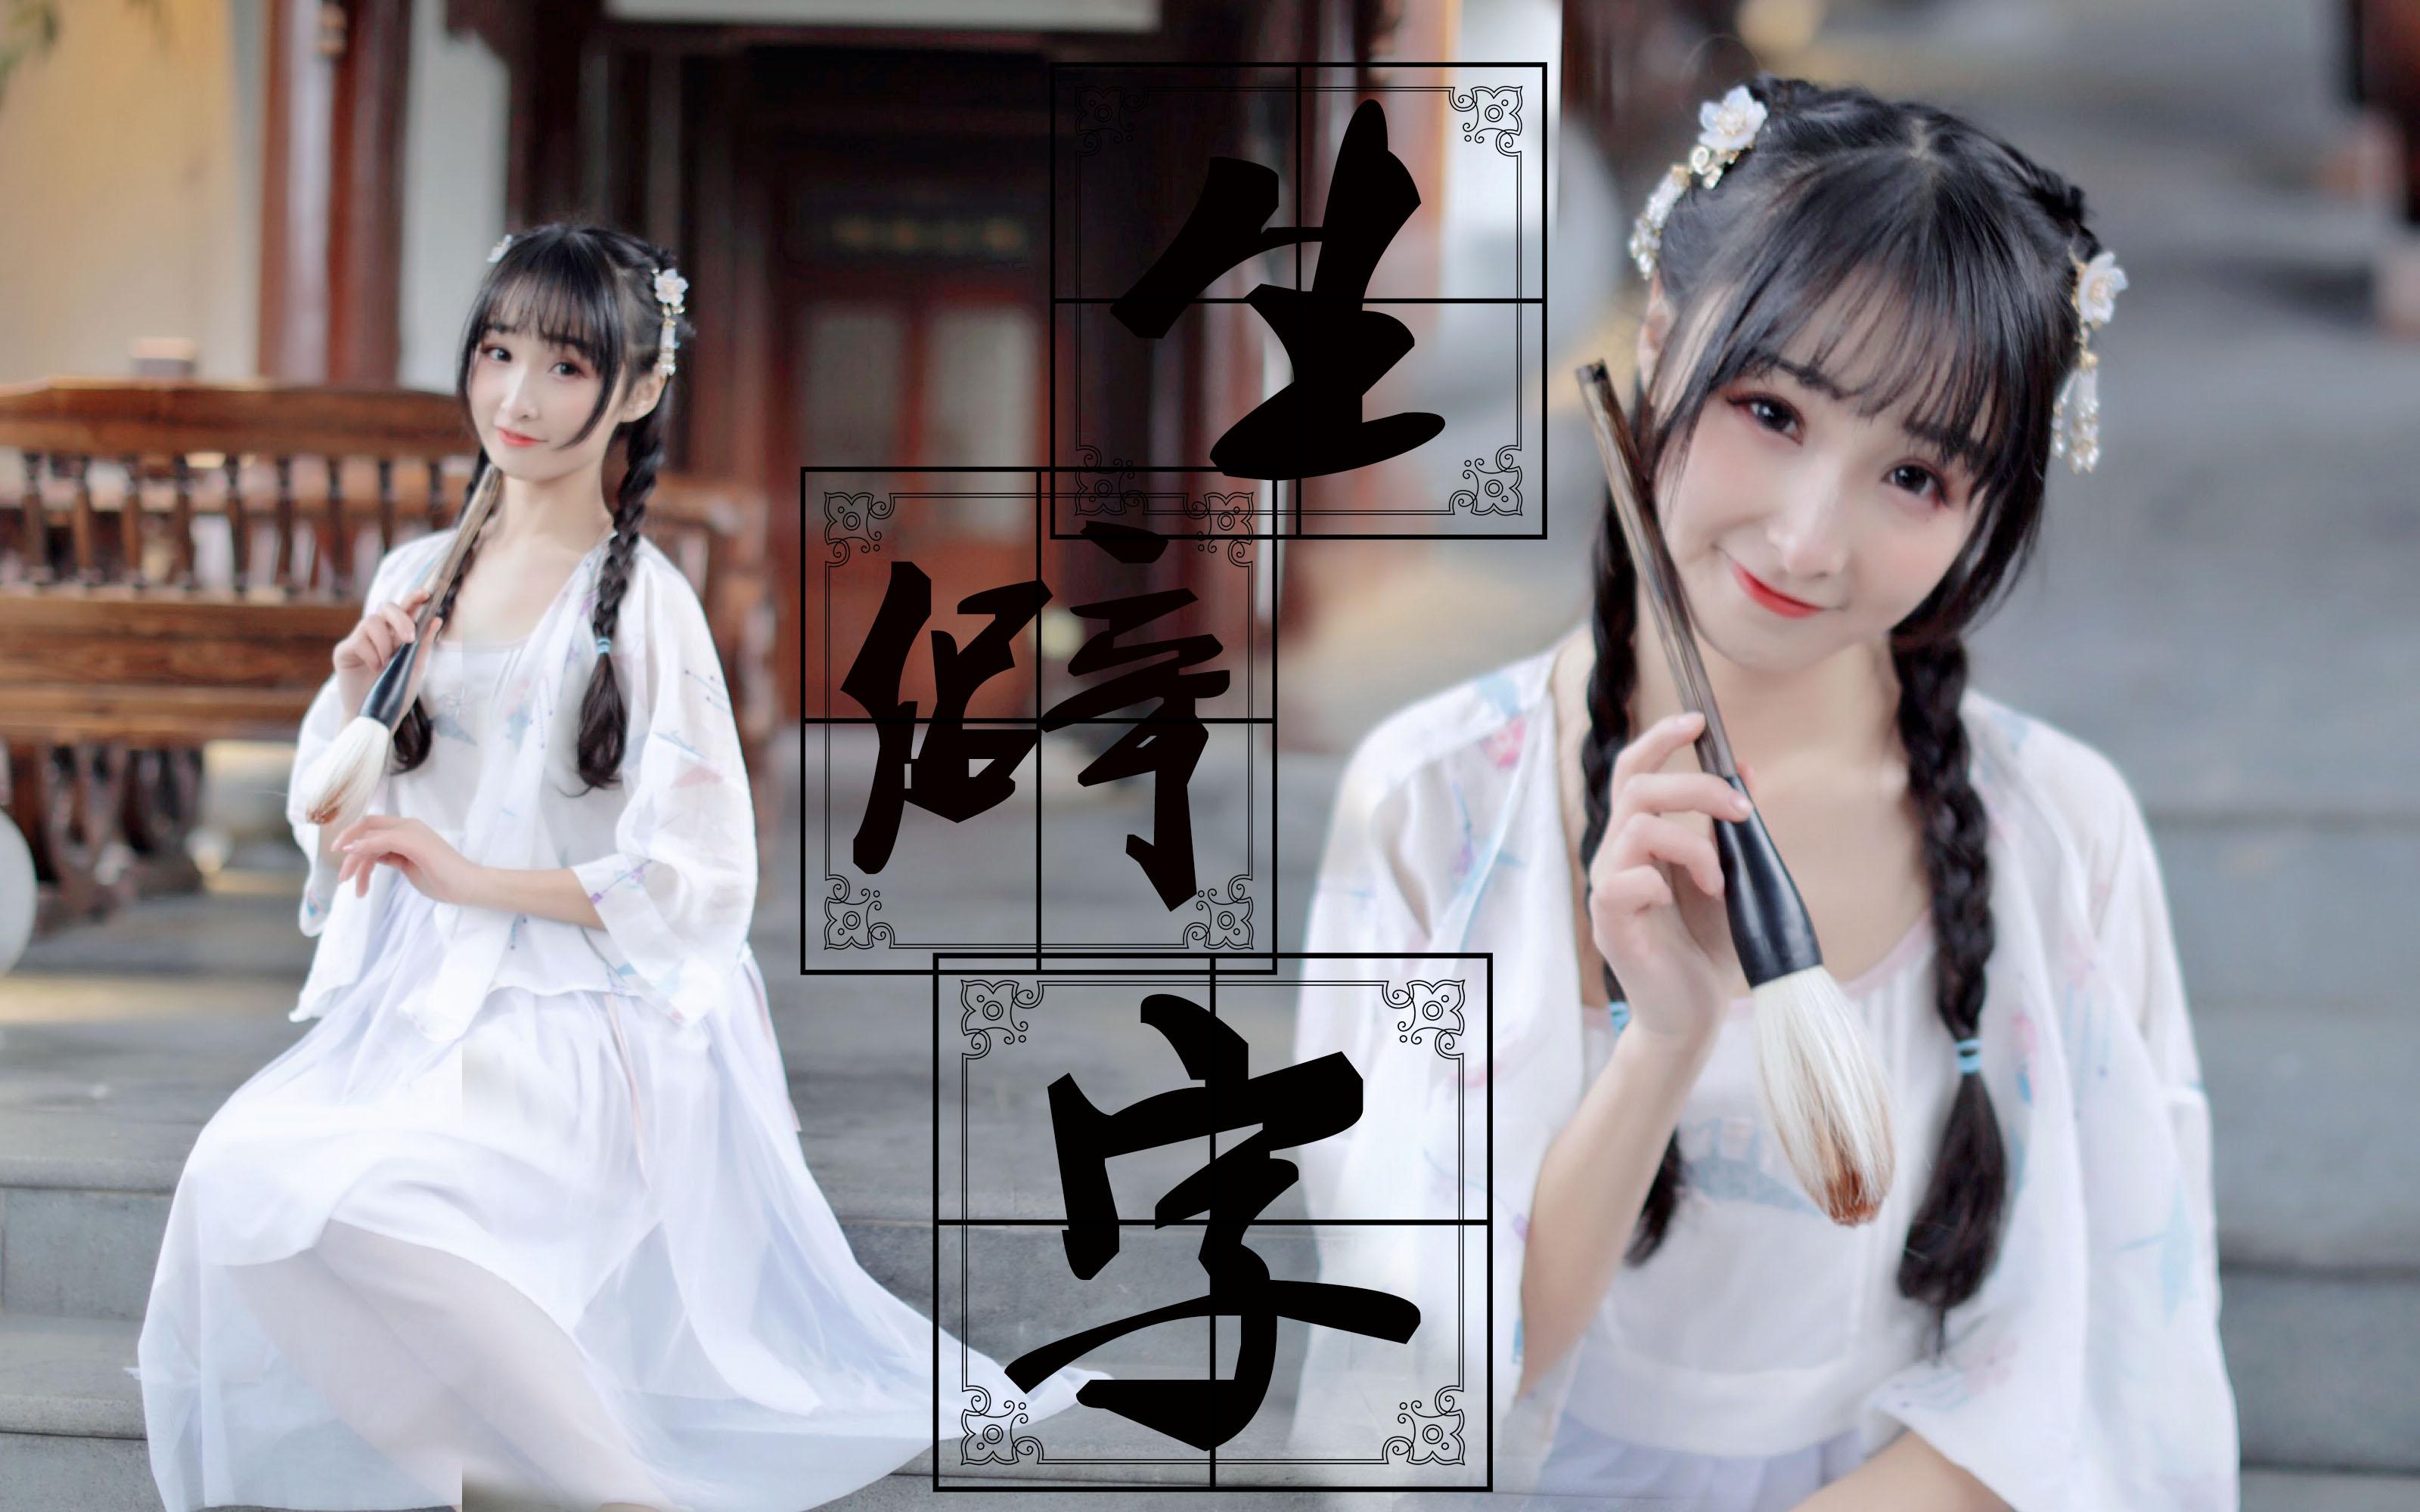 【晓丹】生僻字-我们中国的汉字落笔成花生僻字